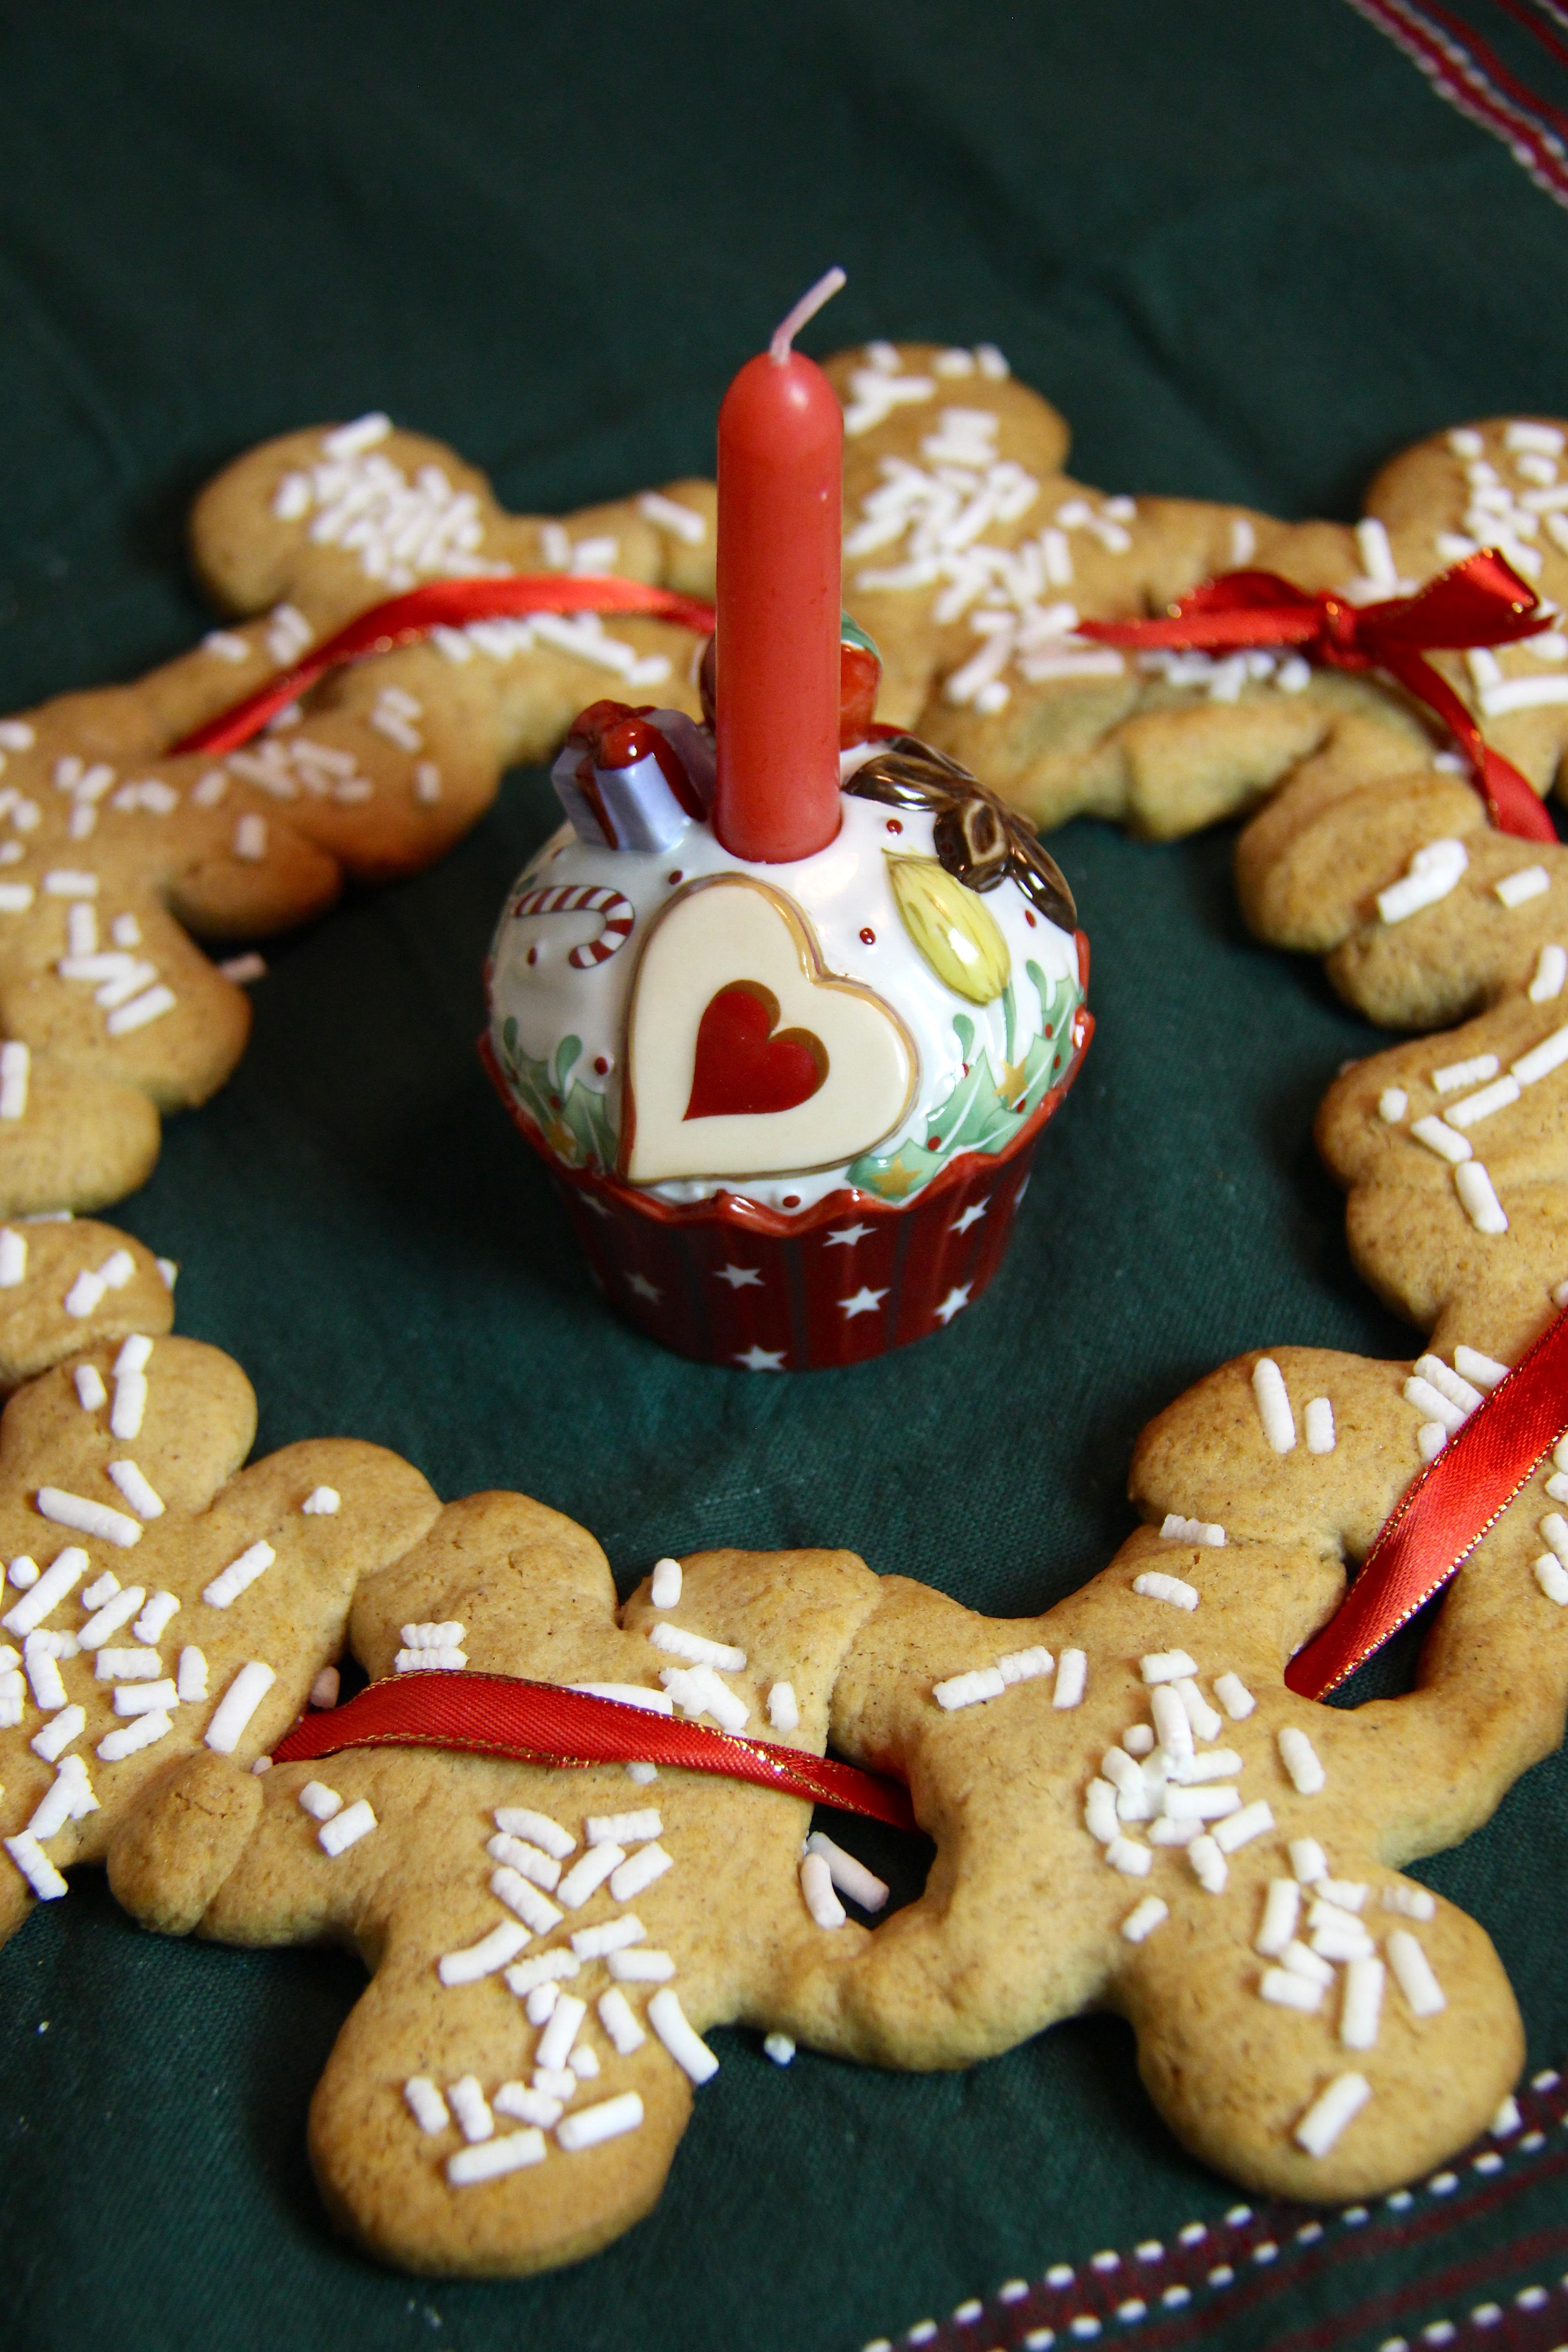 Ghirlanda di Biscotti Gingerbread – Christmas cookies Garland